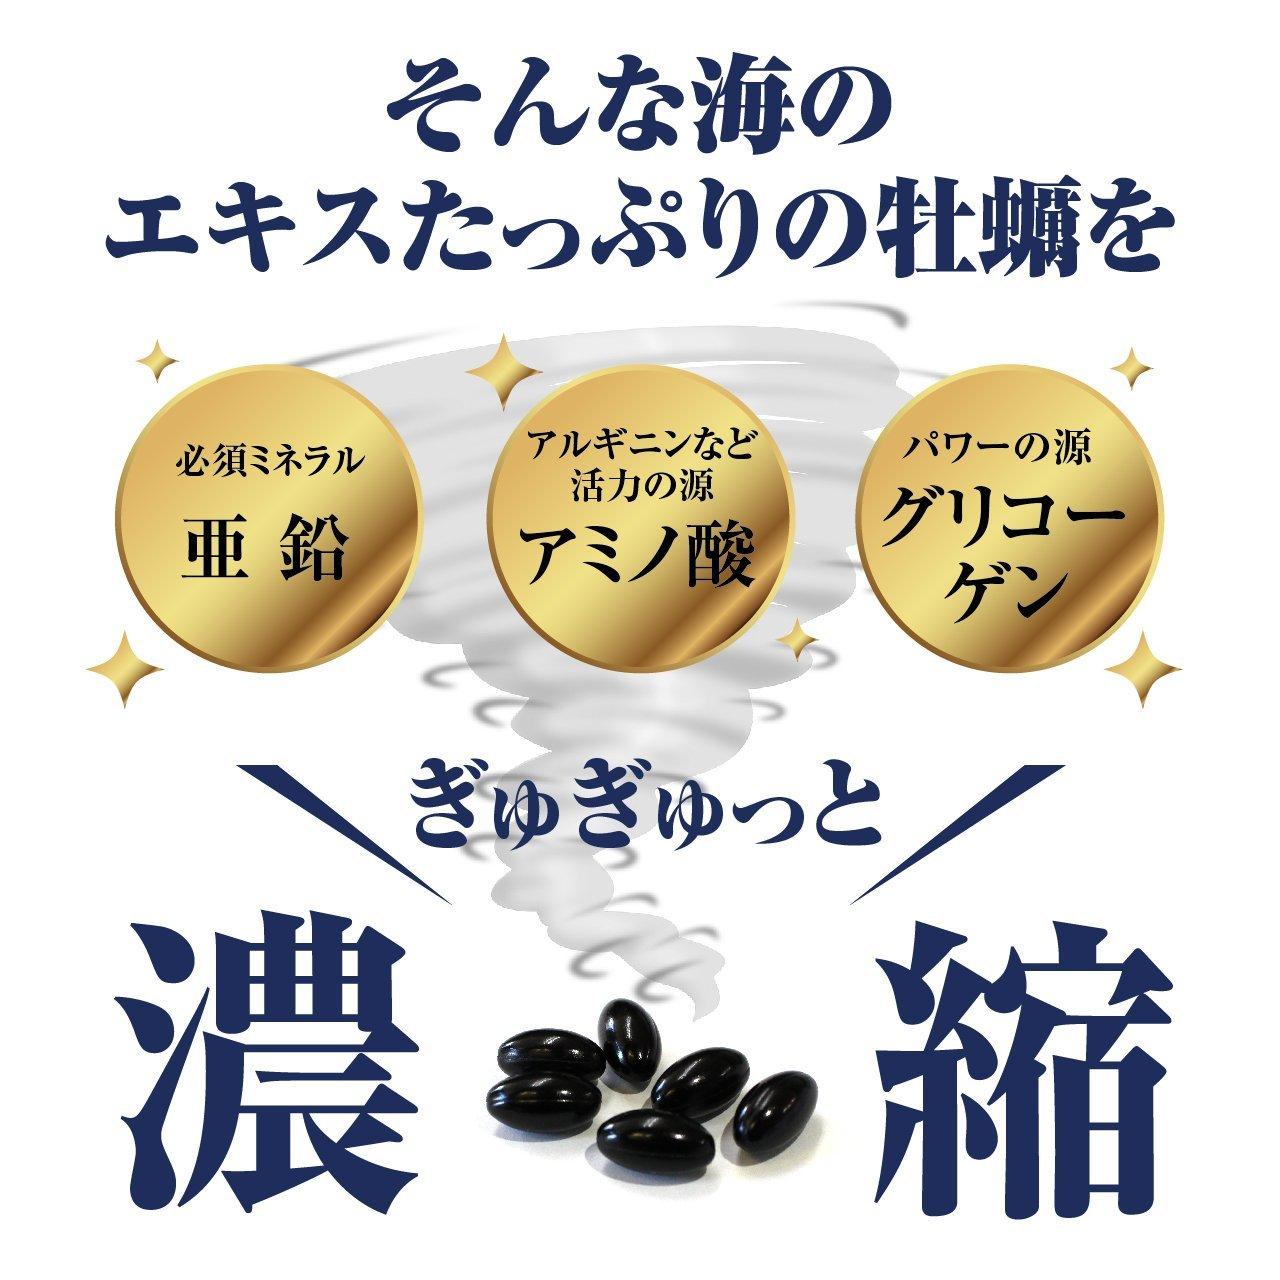 牡蠣 亜鉛 国内産 牡蠣エキス使用 瀬戸内海産 牡蠣 使用 牡蠣皇帝 90粒 30日分